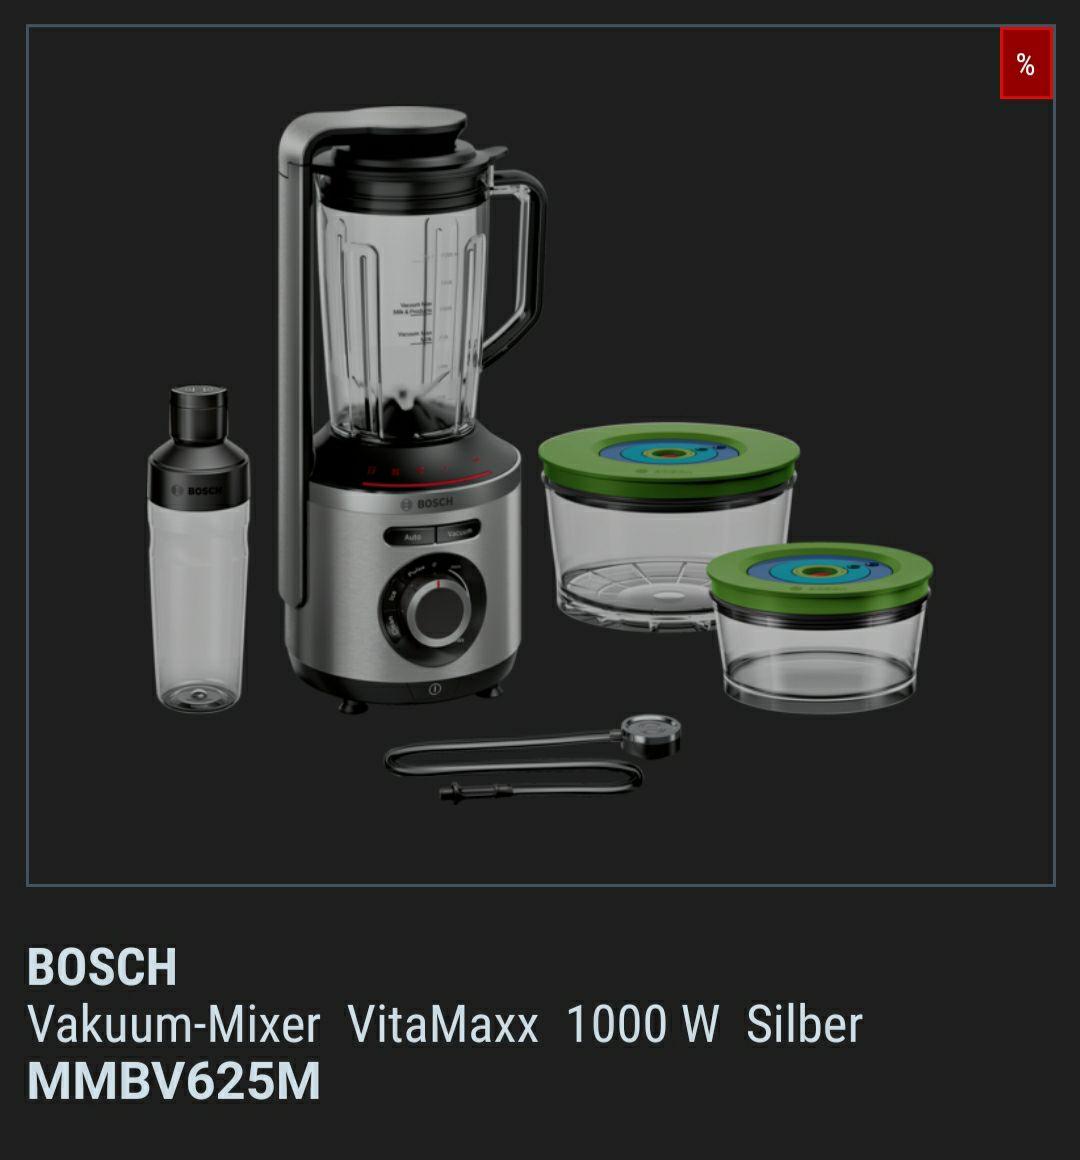 [FÜR UNS SHOP] BOSCH Vakuum-MixerVitaMaxx1000 WSilberMMBV625M